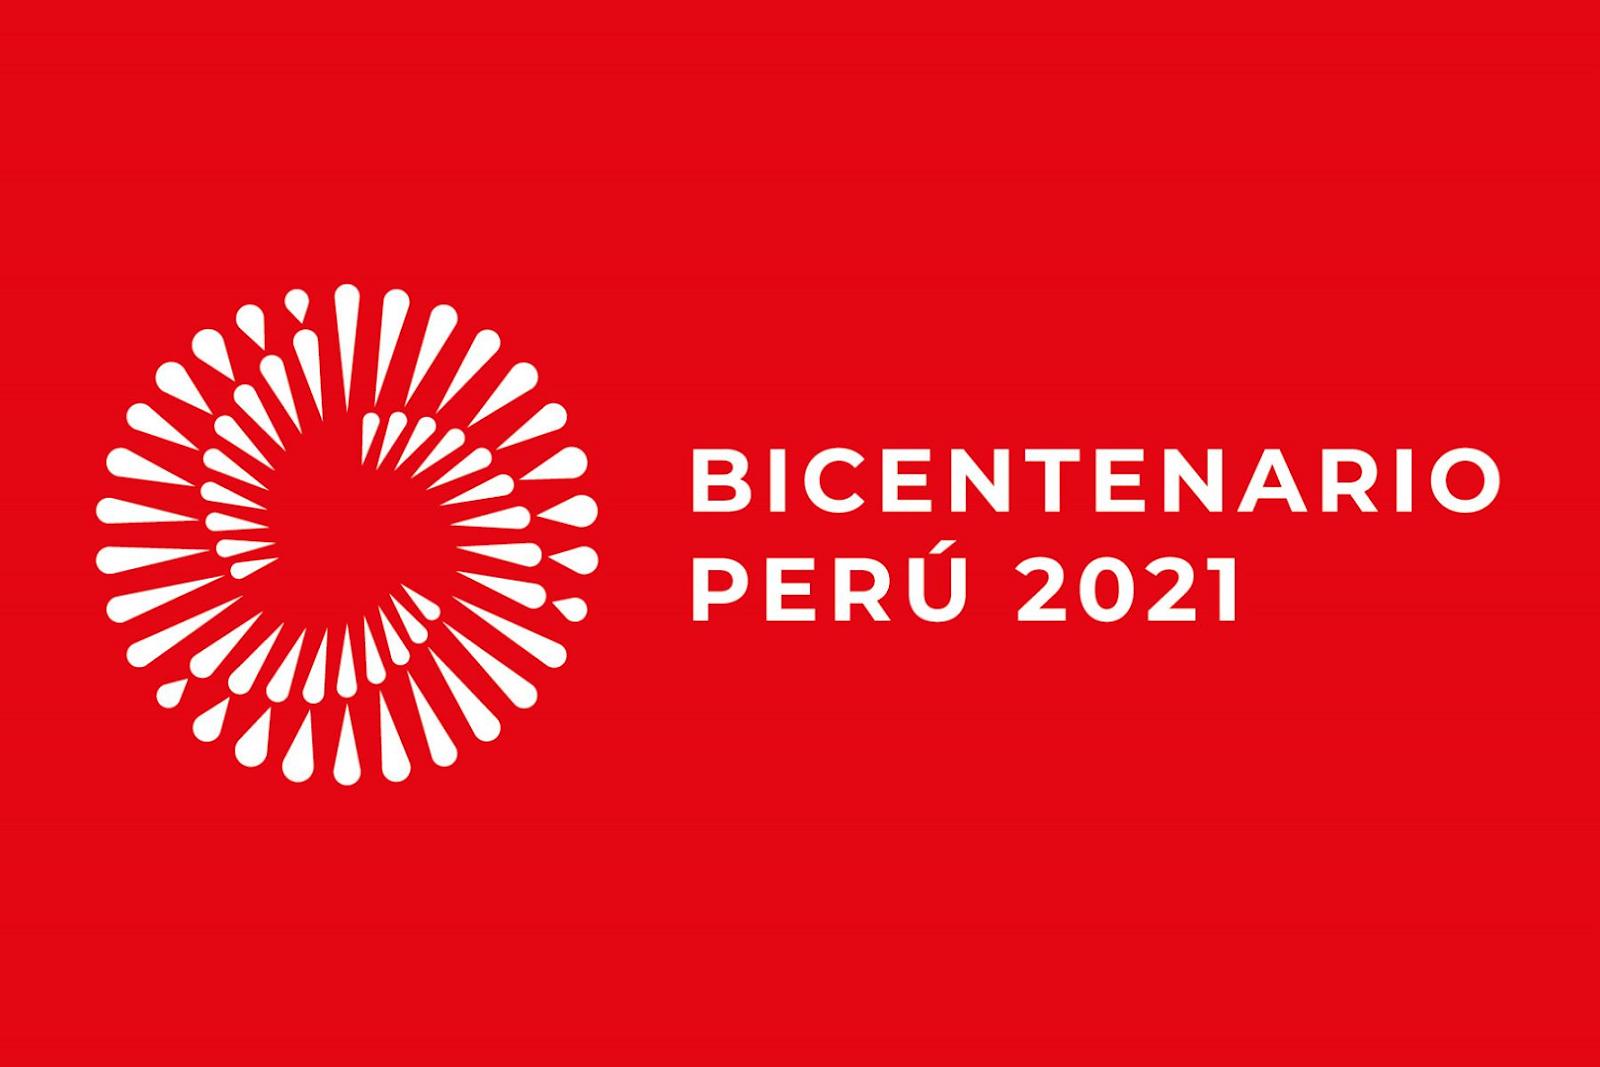 Logotipo del Bicentenario del Perú.